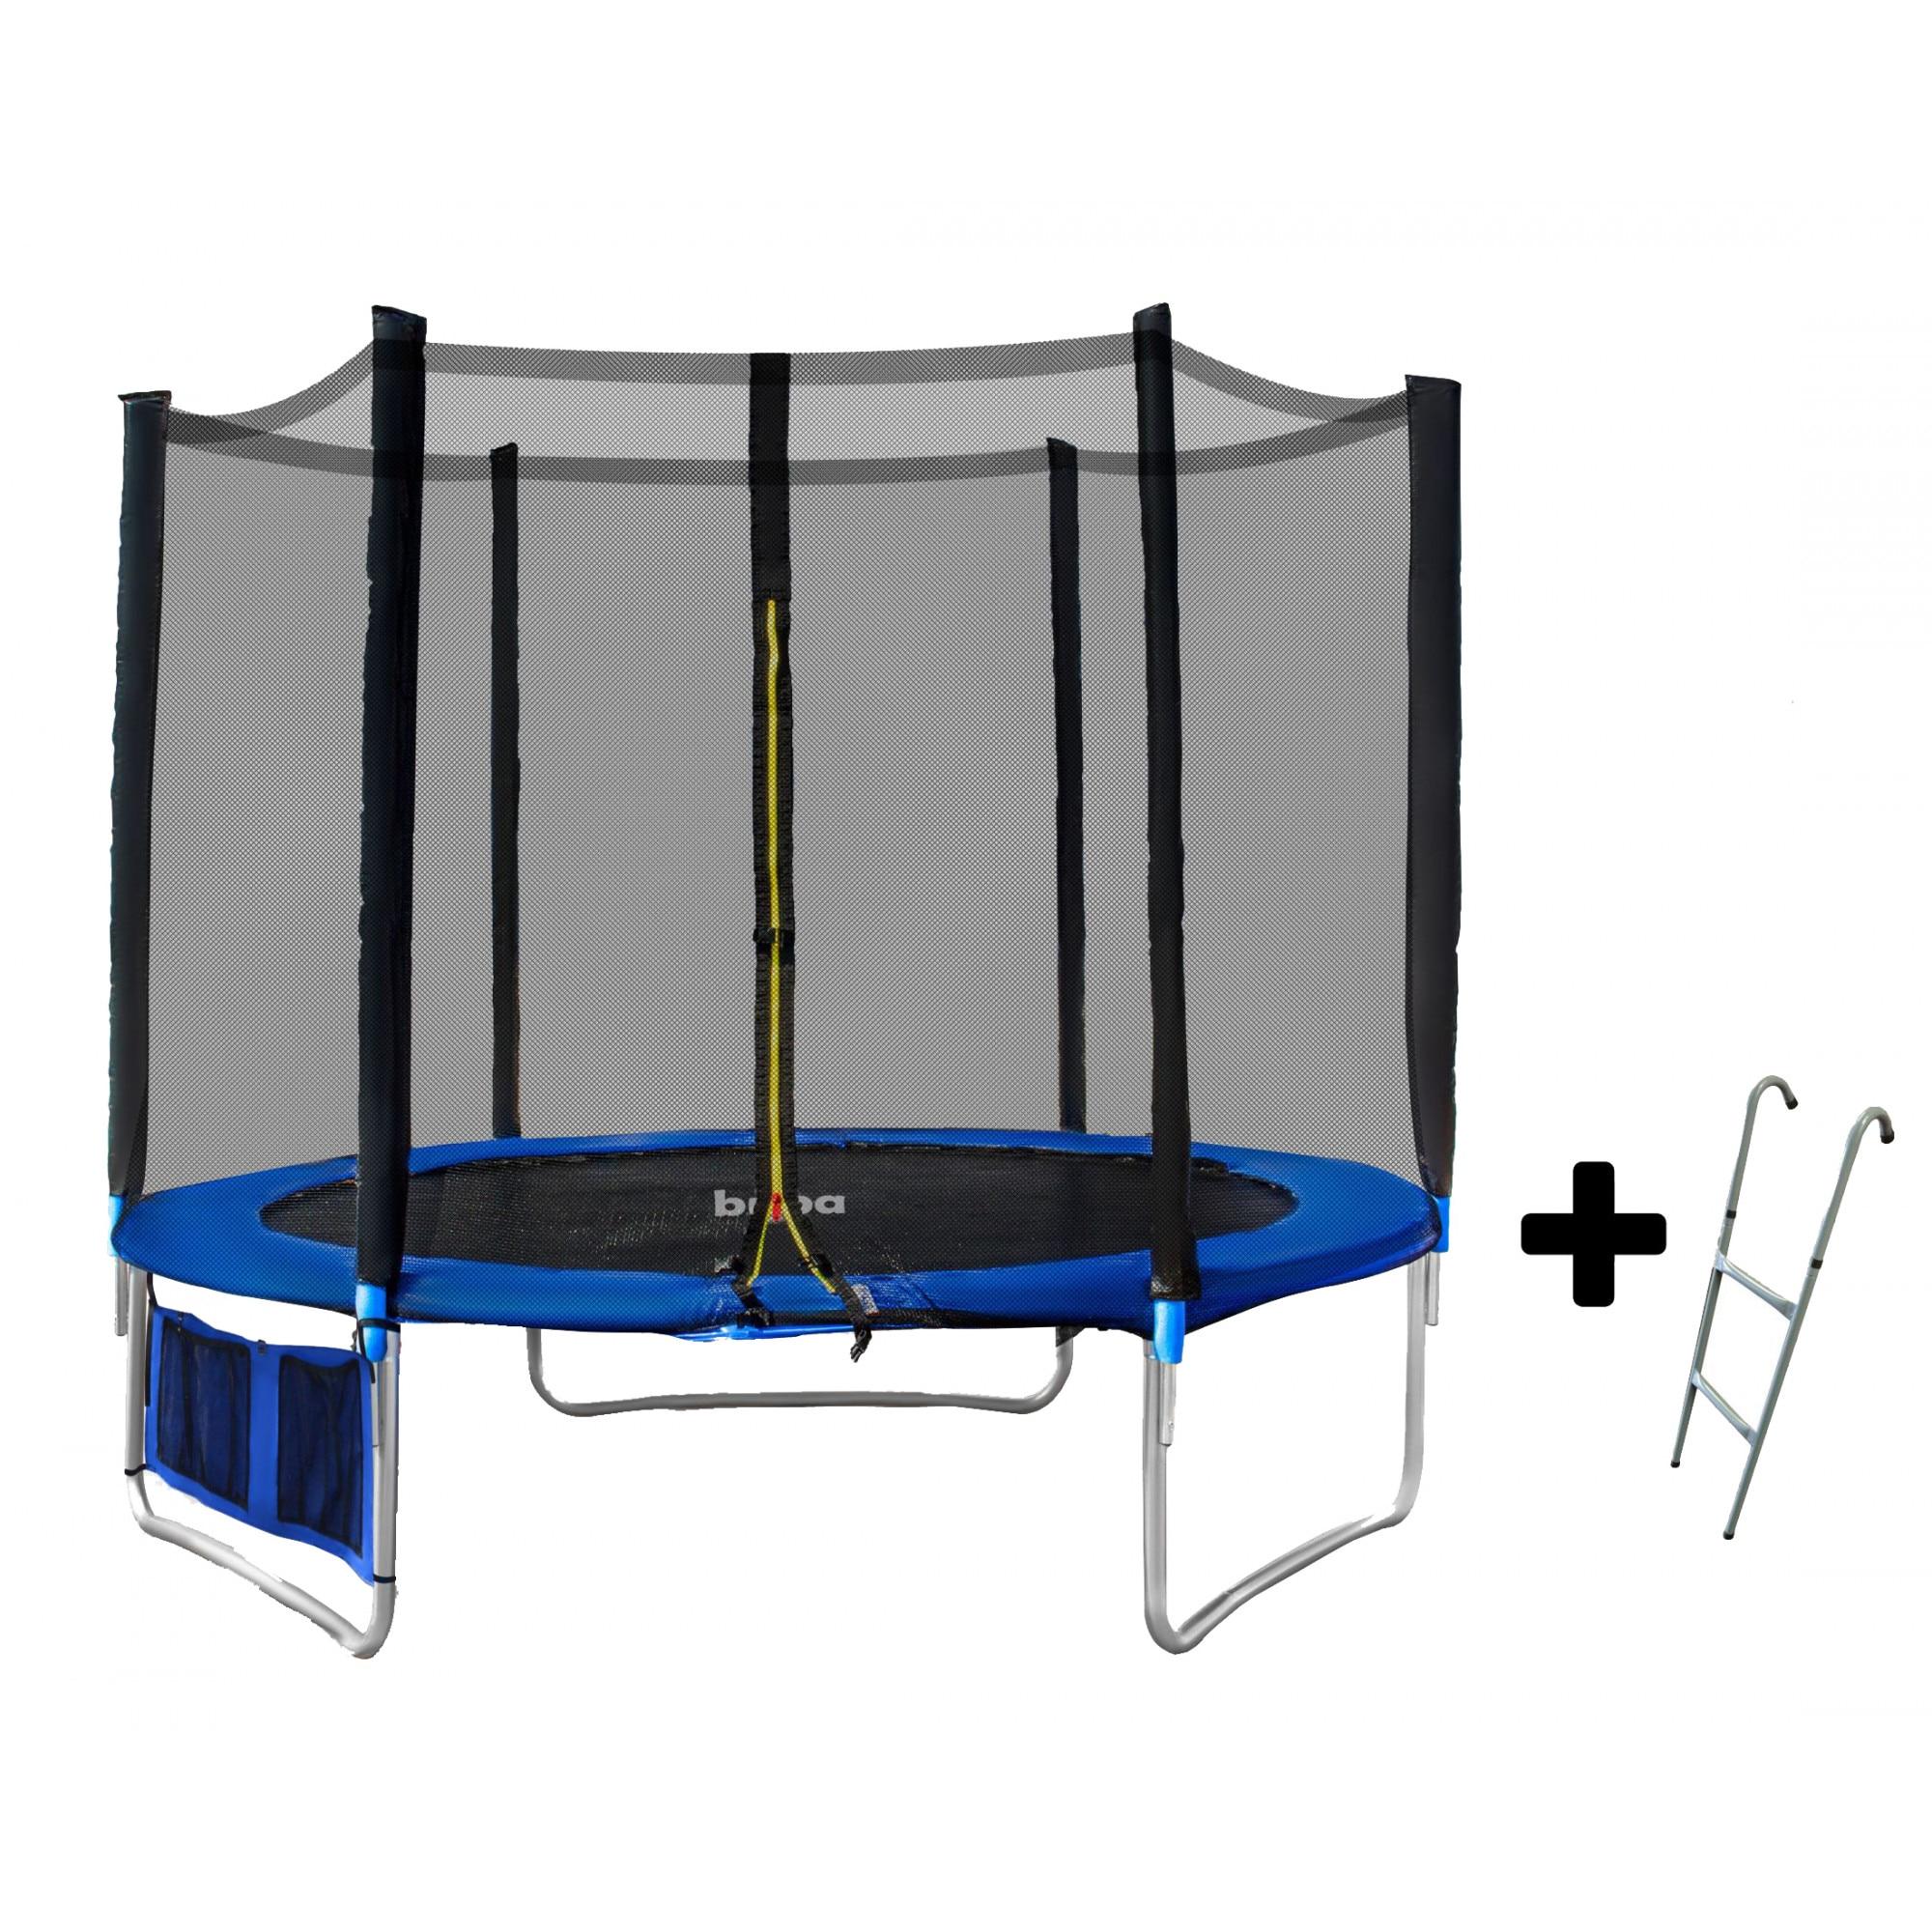 Puteți pierde greutatea folosind o mini trambulină